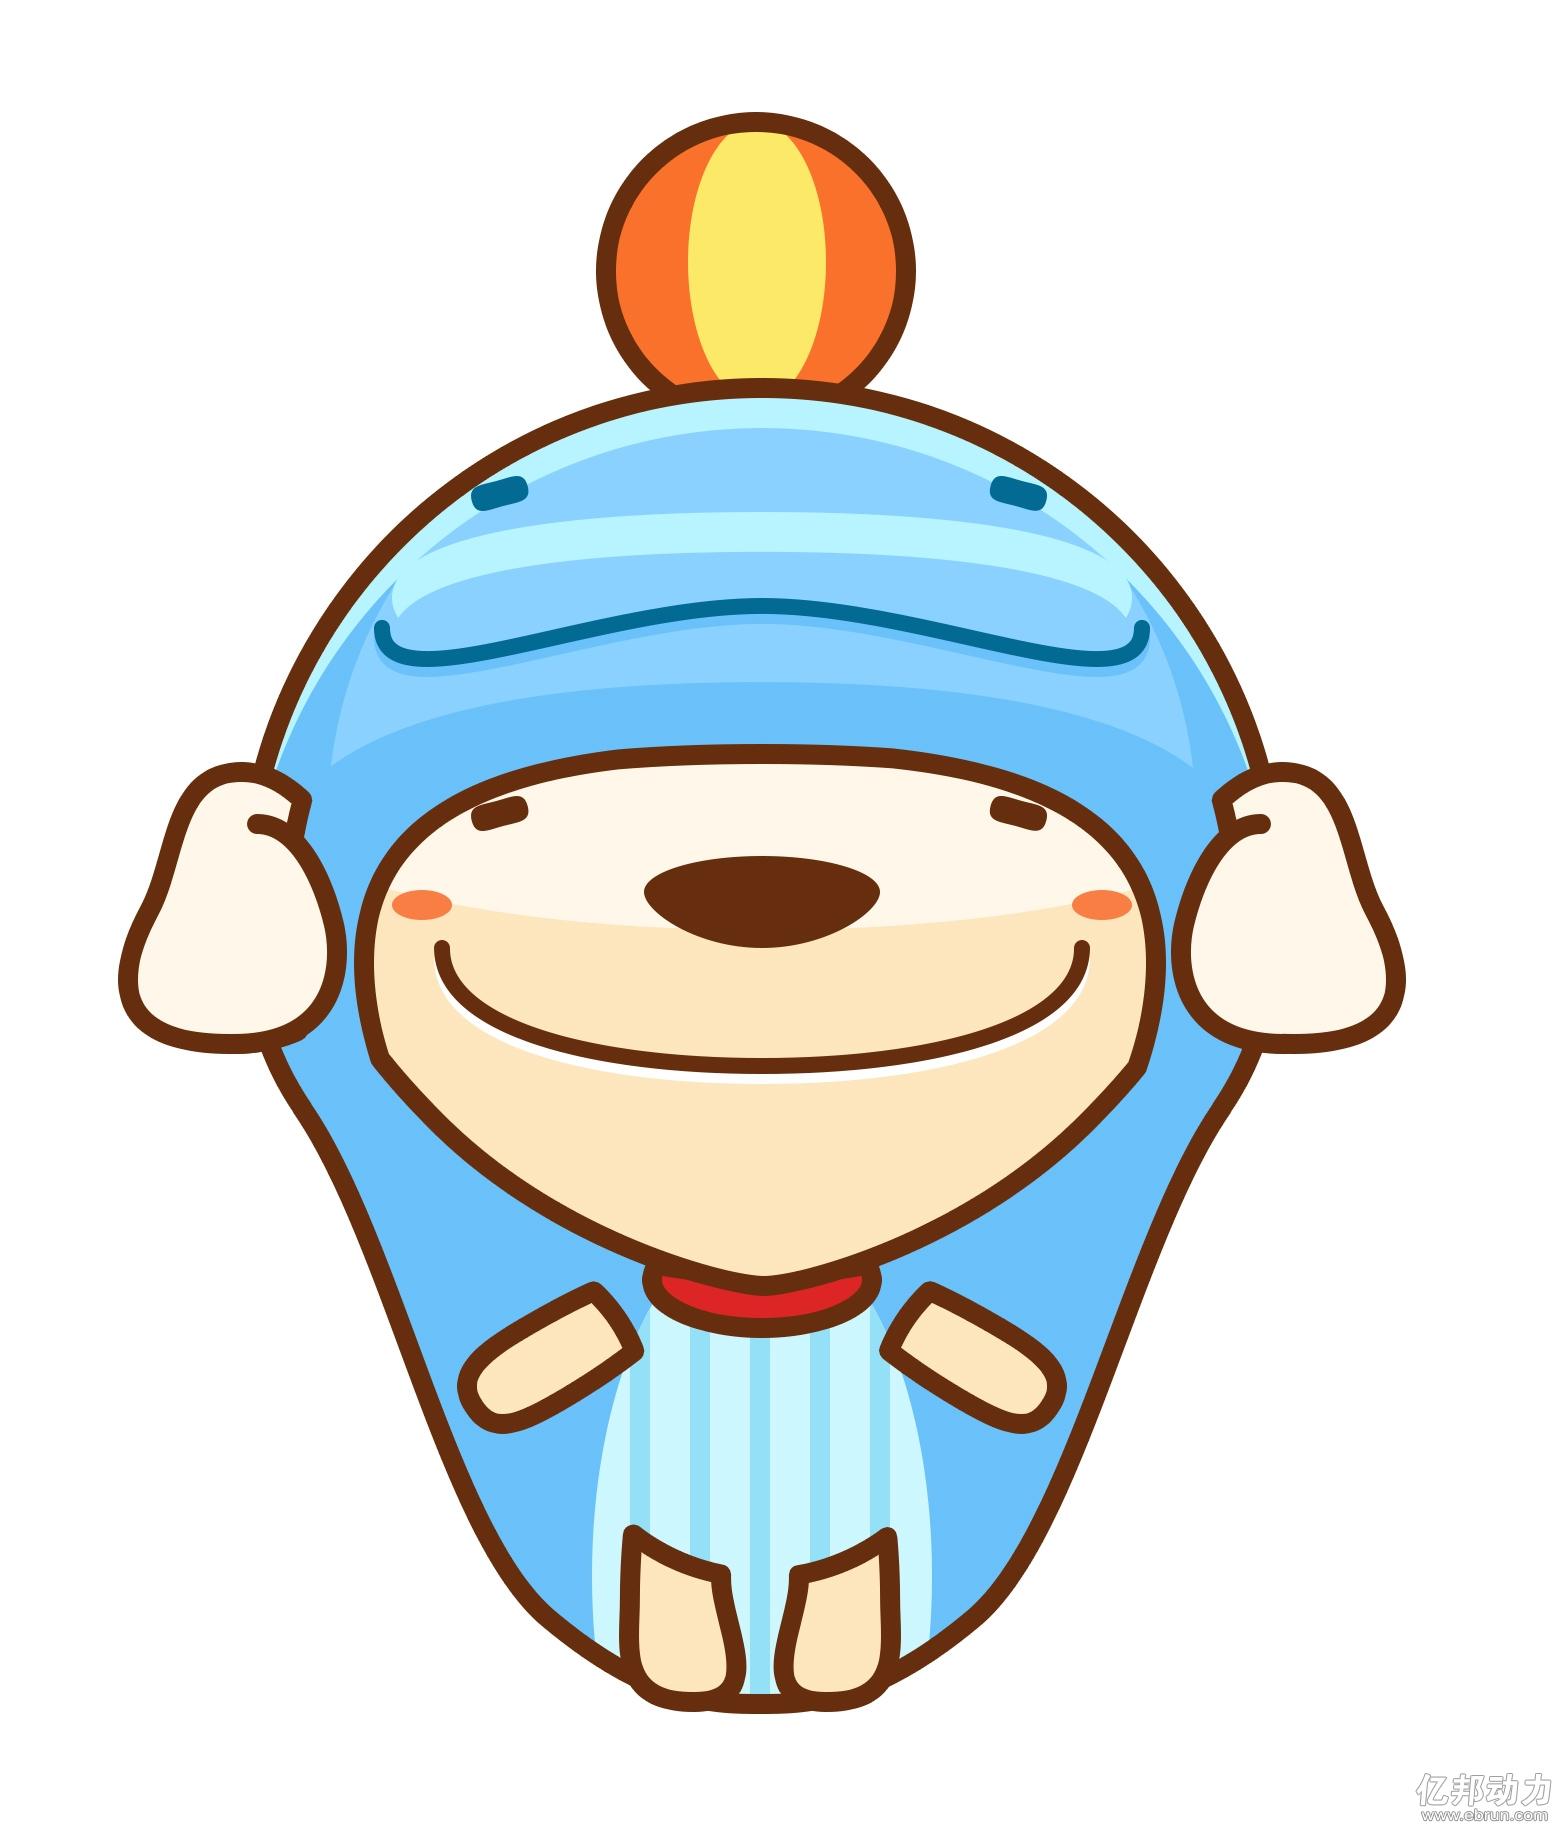 海囤日吉祥物海豚公仔图片